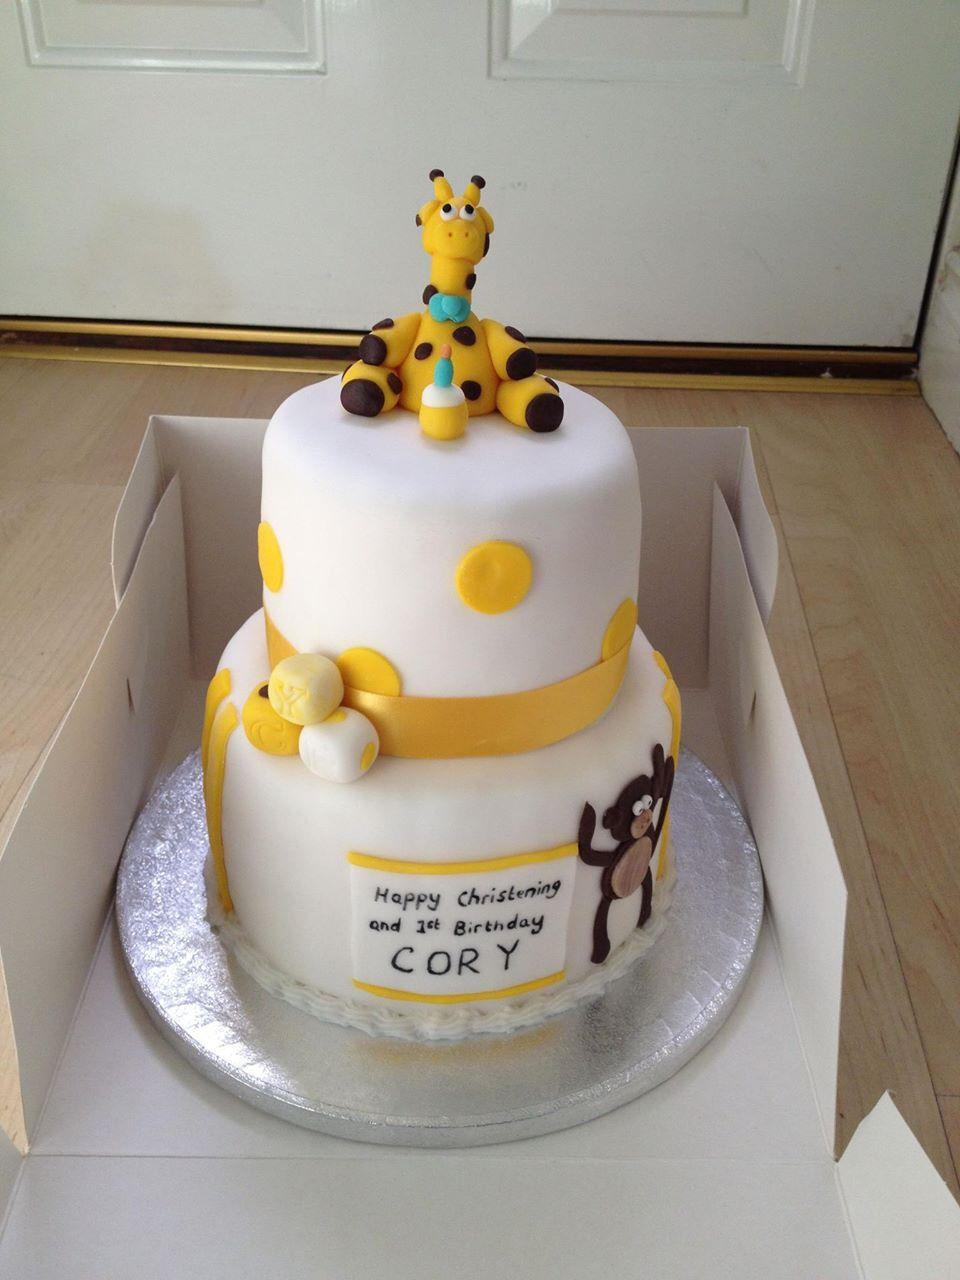 Christening cake, giraffe cake www.meloscakes.co.uk